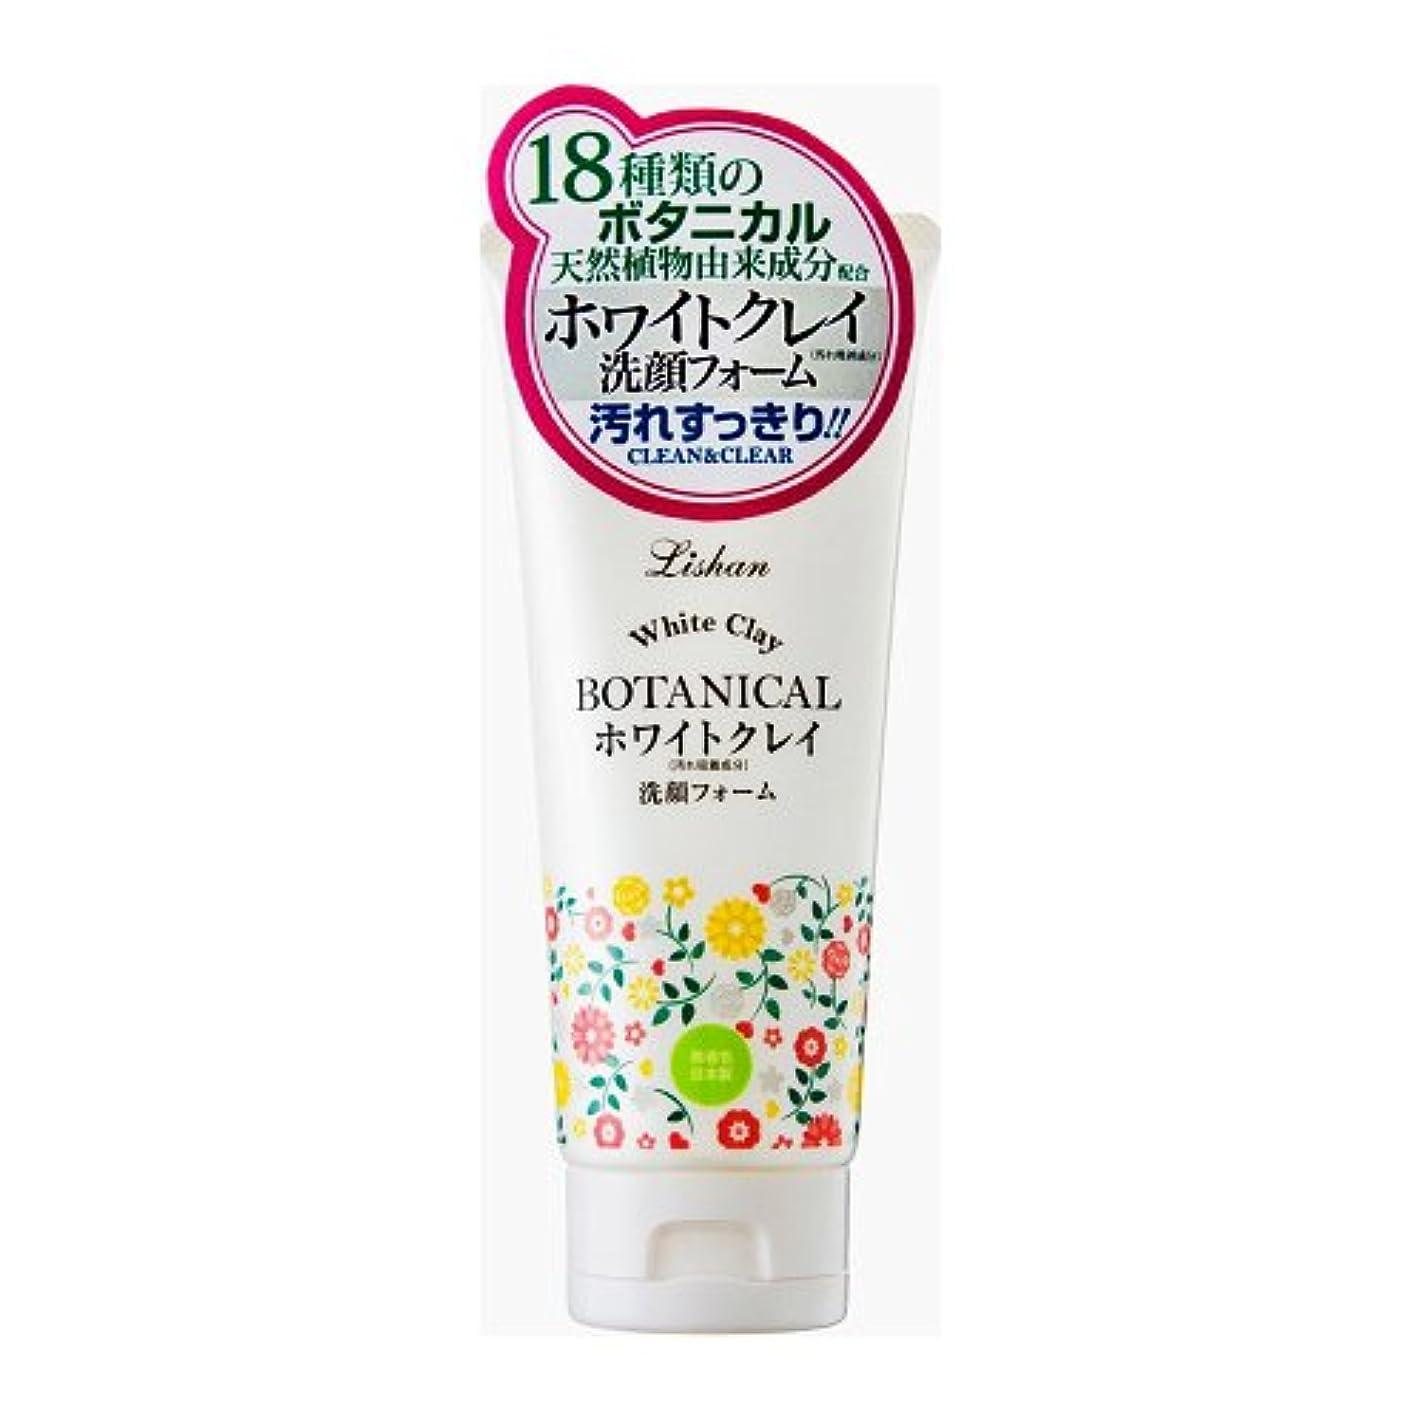 はず活力粘土リシャン ホワイトクレイ洗顔フォーム (フレッシュハーブの香り) (130g)